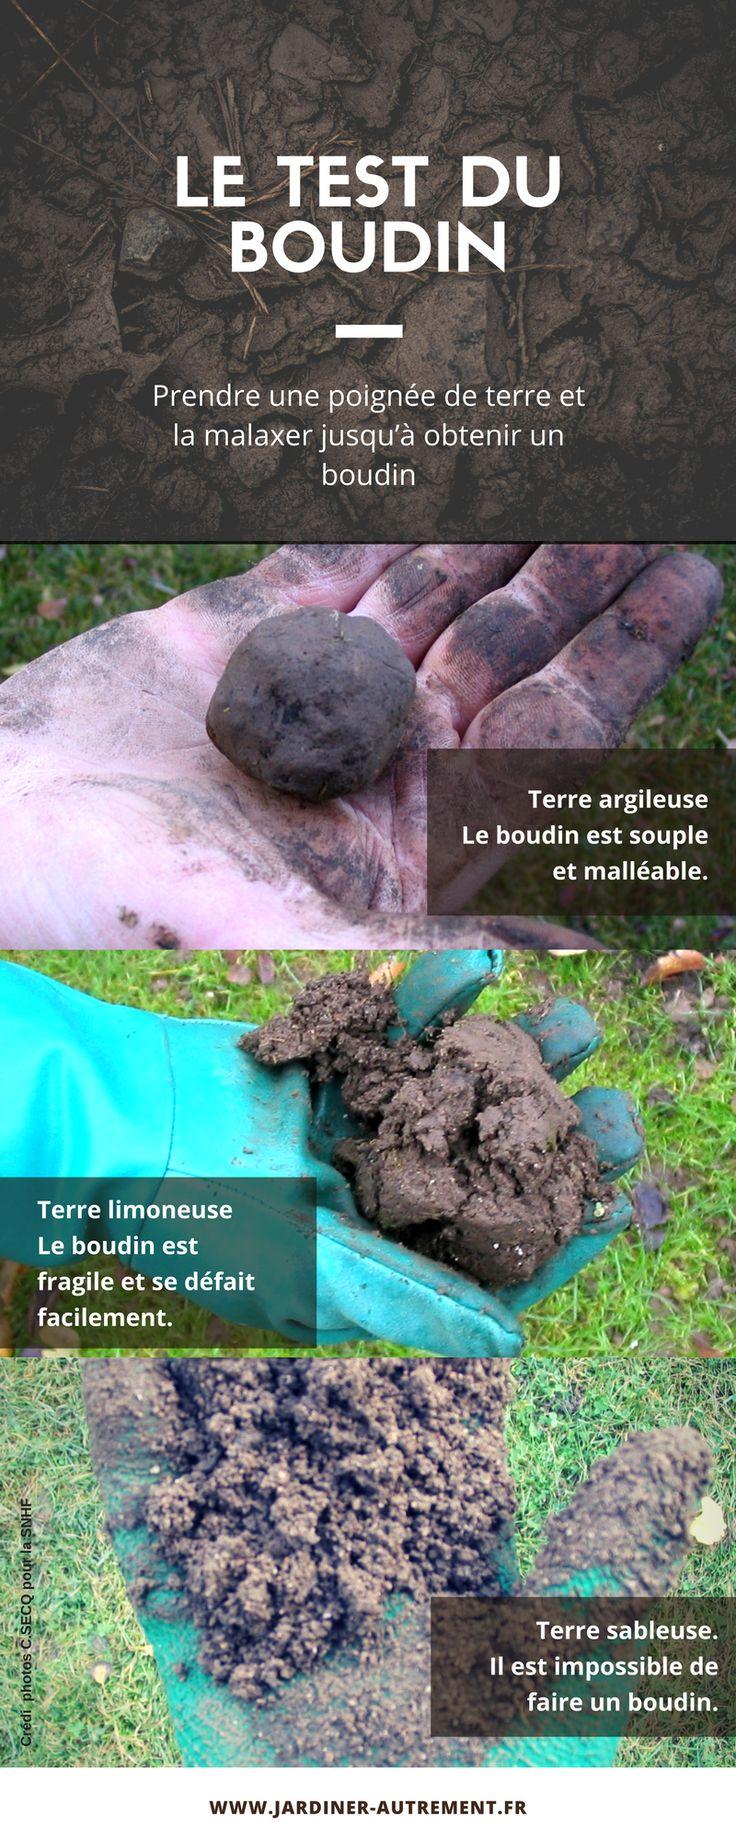 Connaître la nature de son sol est primordial pour bien choisir les plantes, mieux entretenir son sol et mieux nourrir son sol